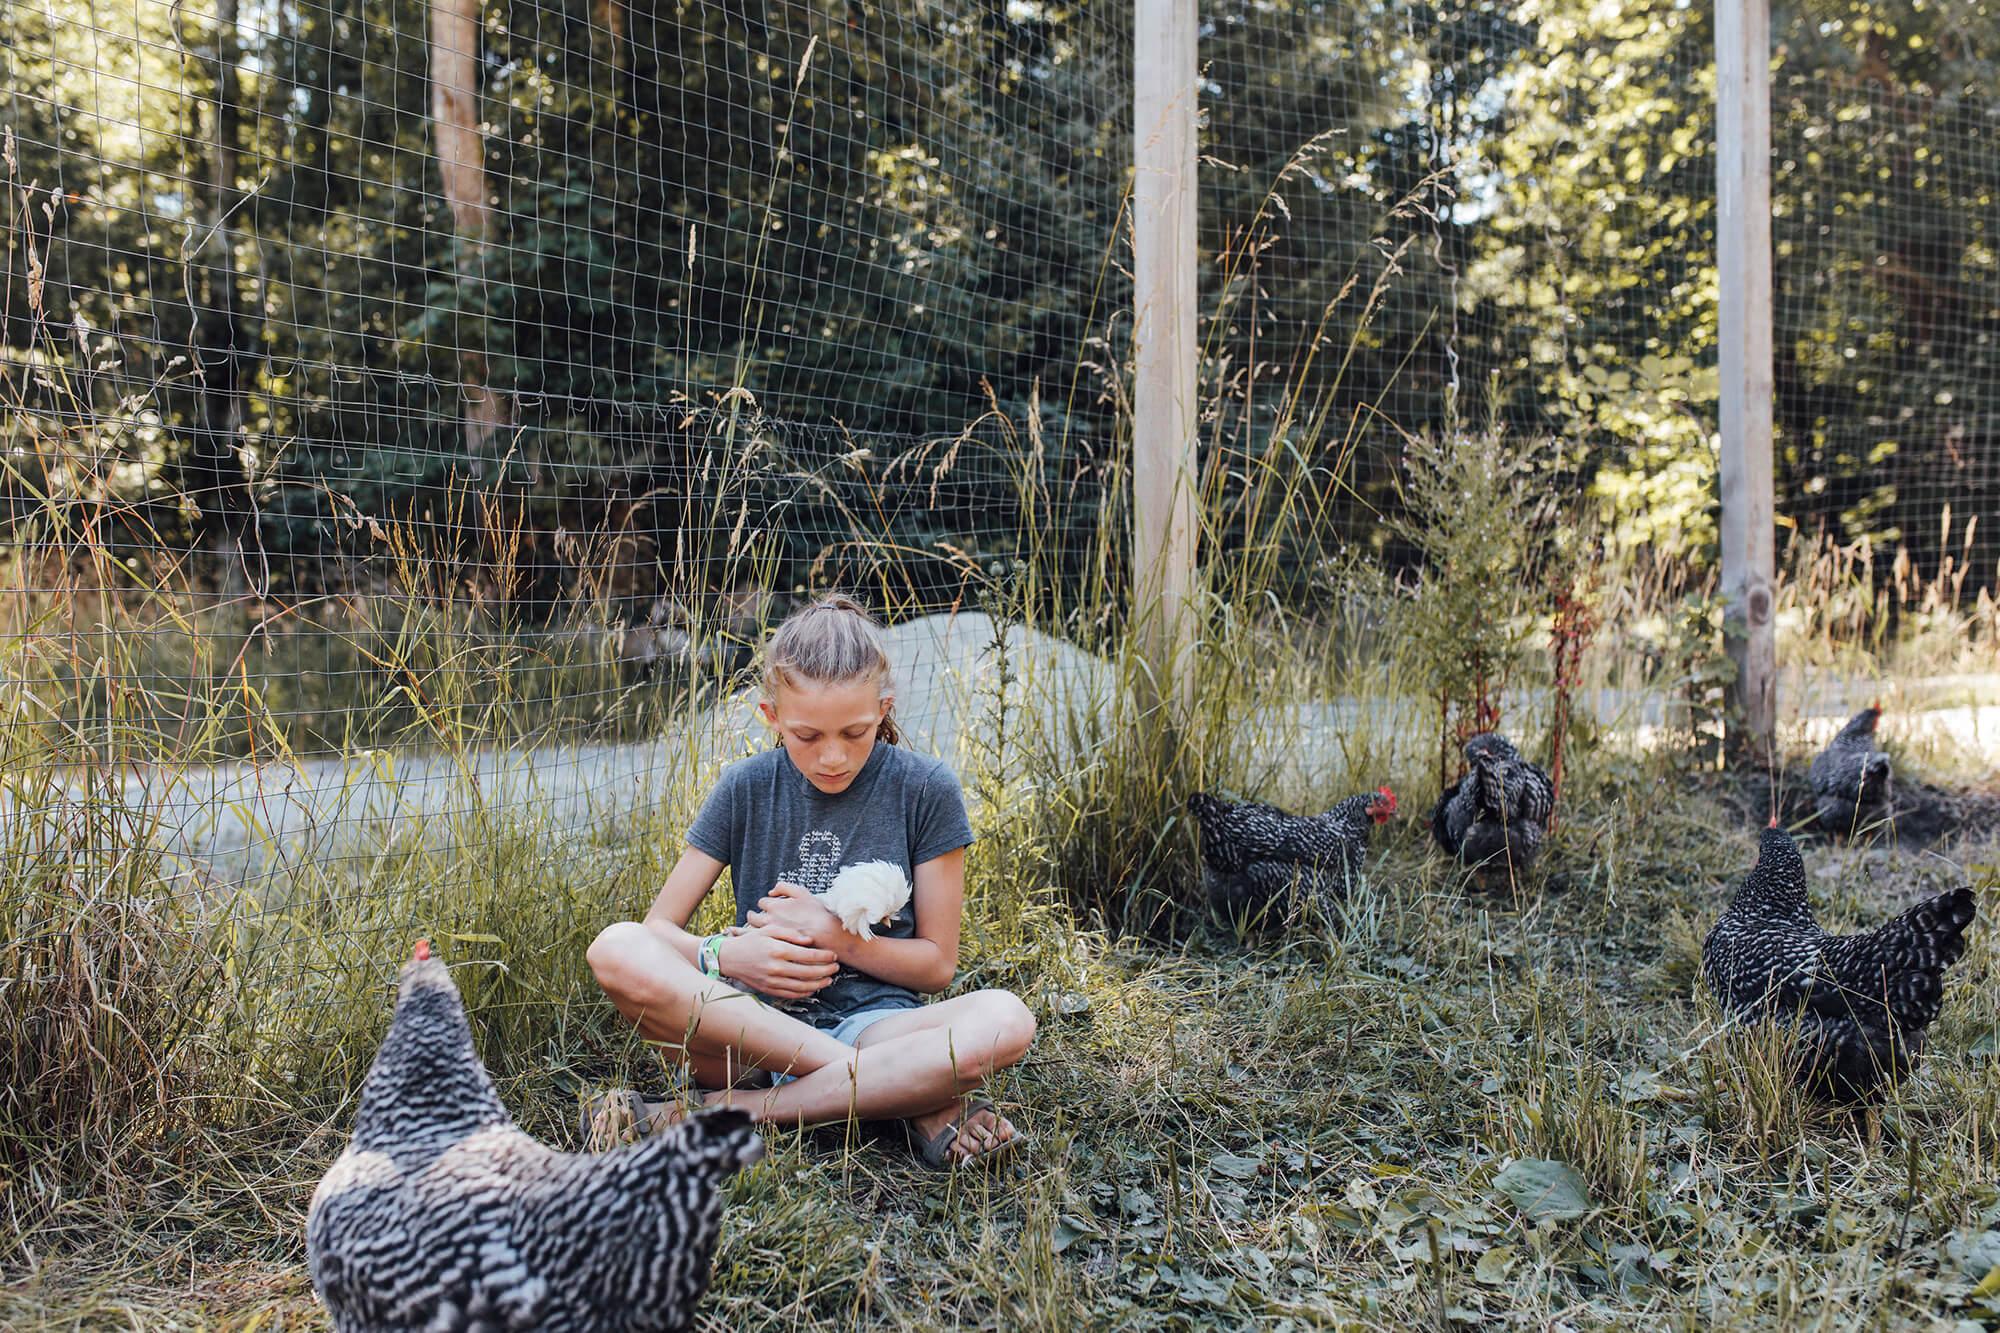 Activities_Chickens.jpg